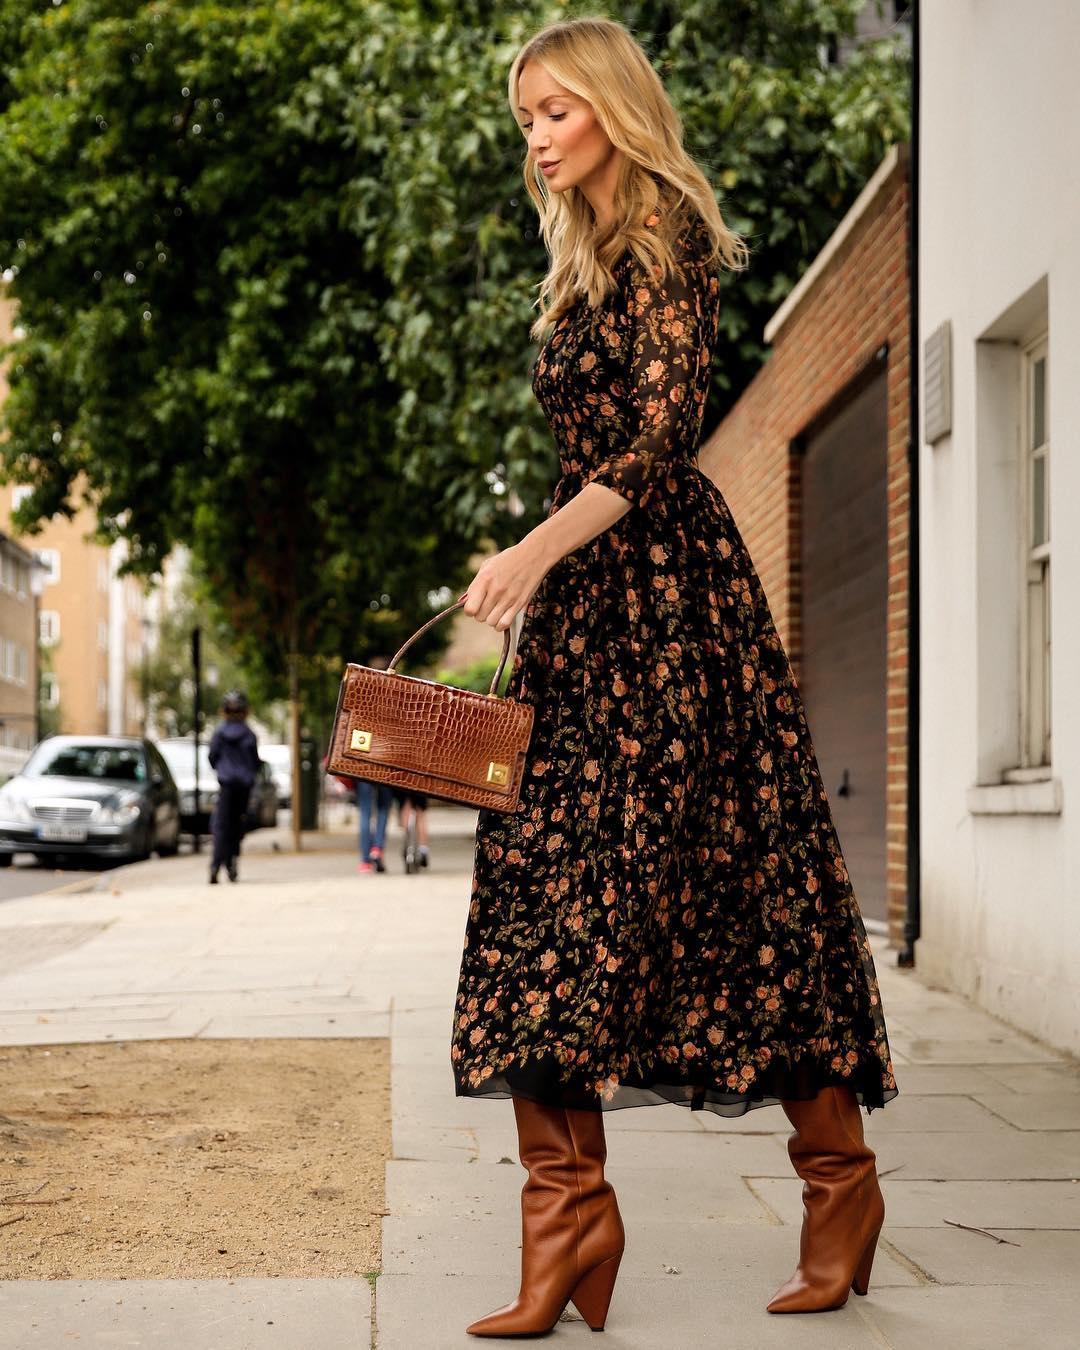 платье французской длины с сапогами